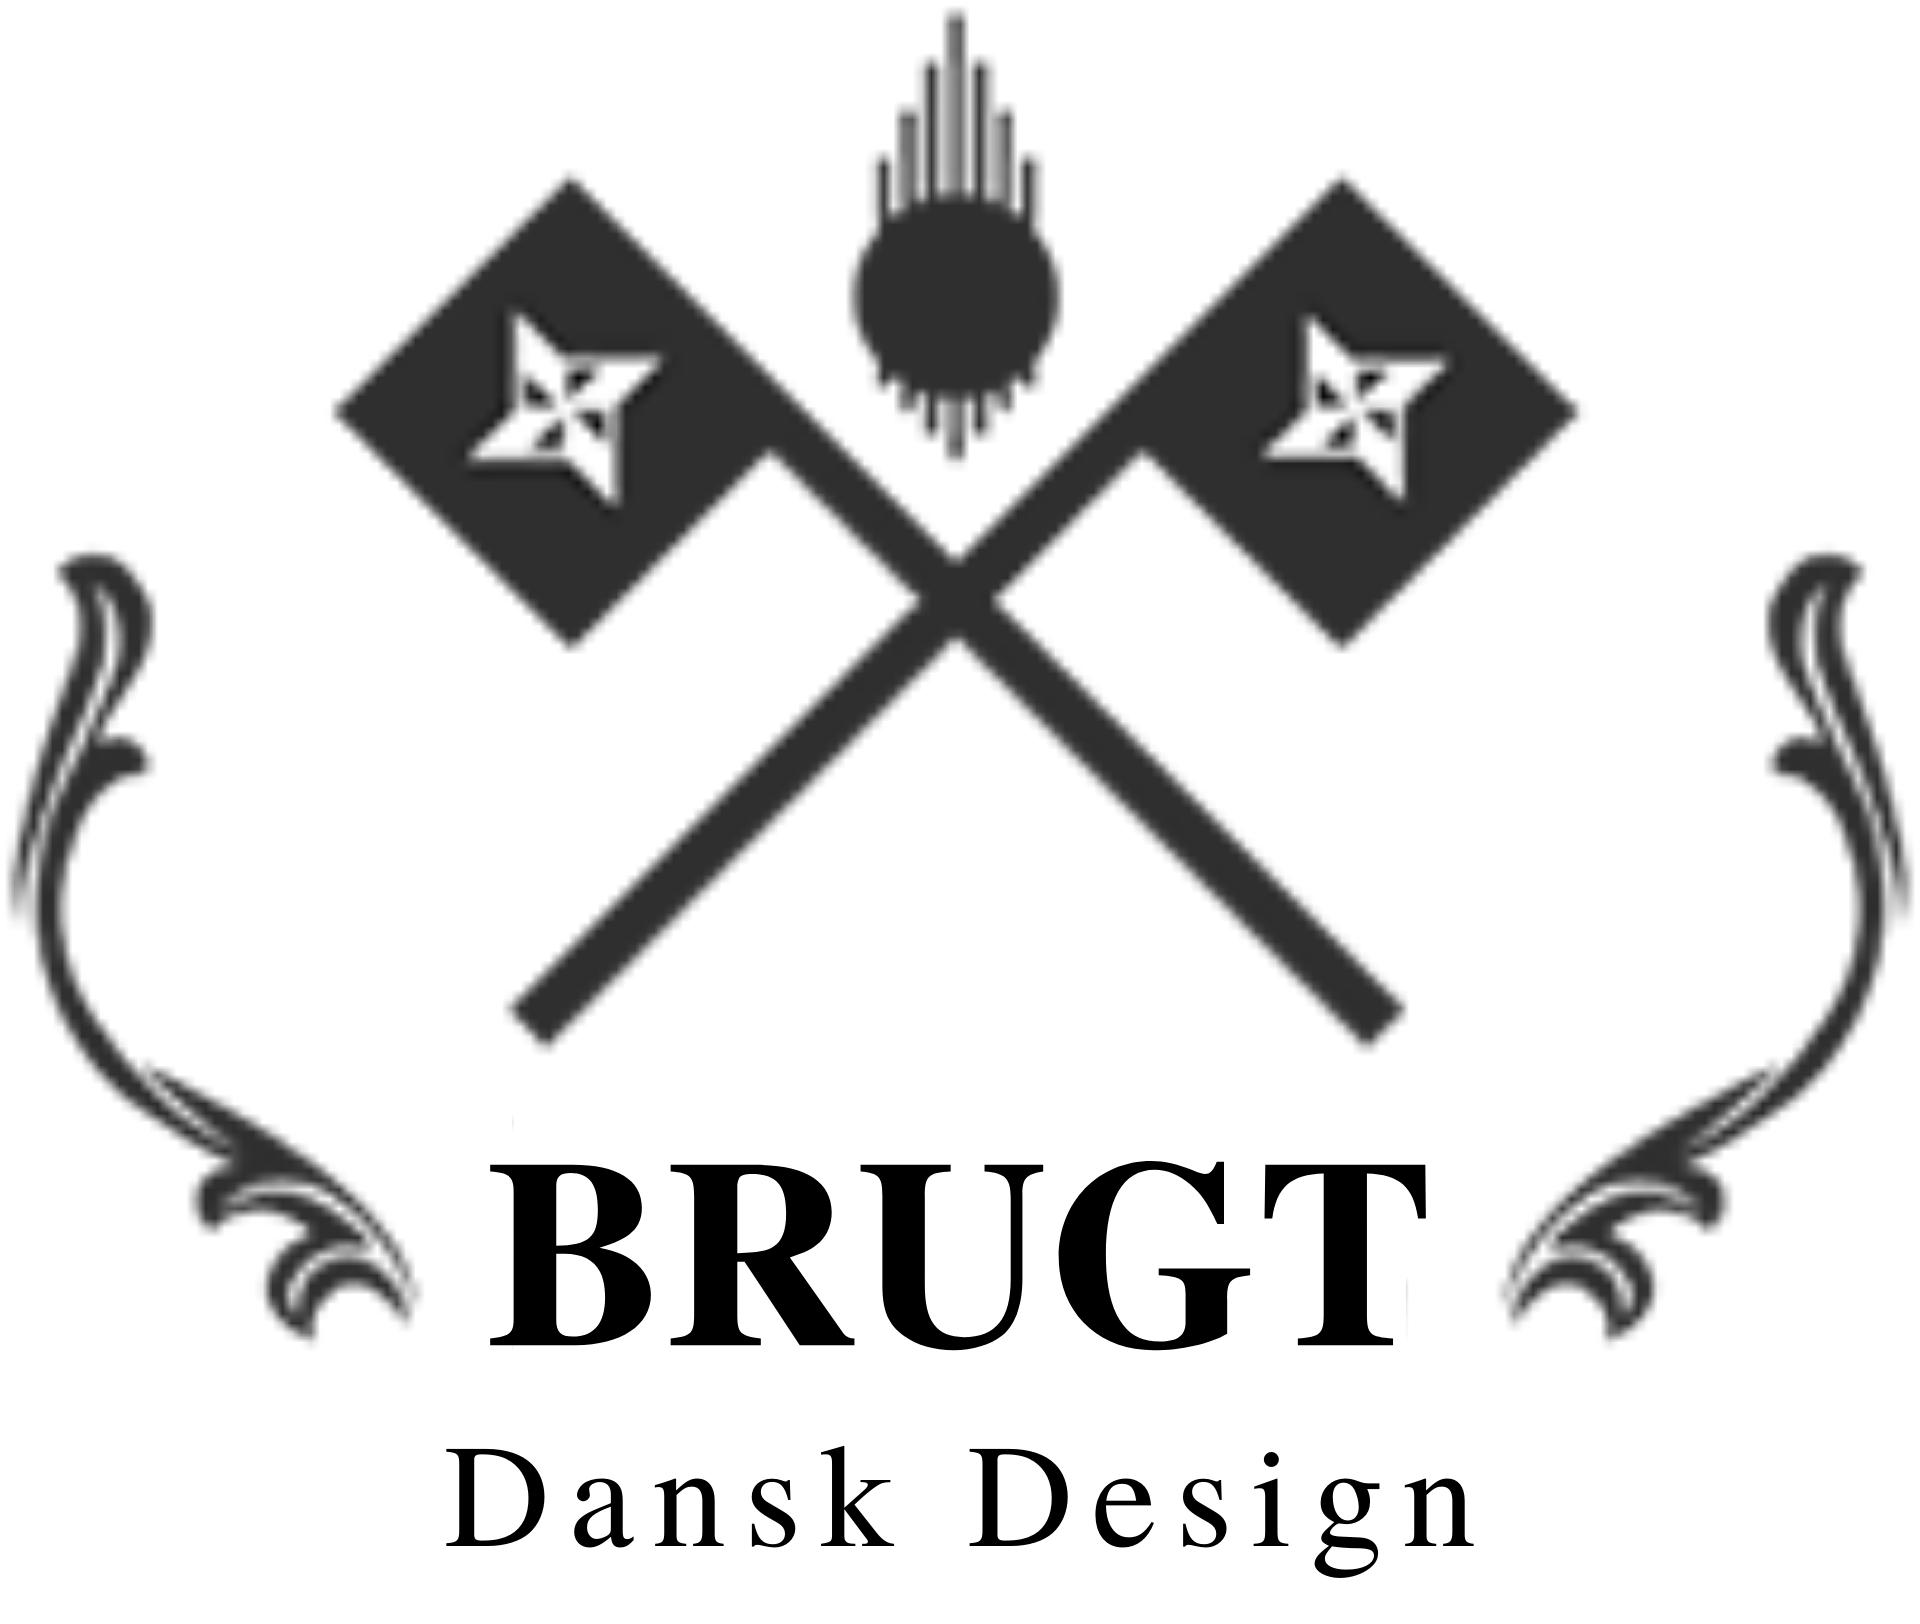 Brugt dansk design